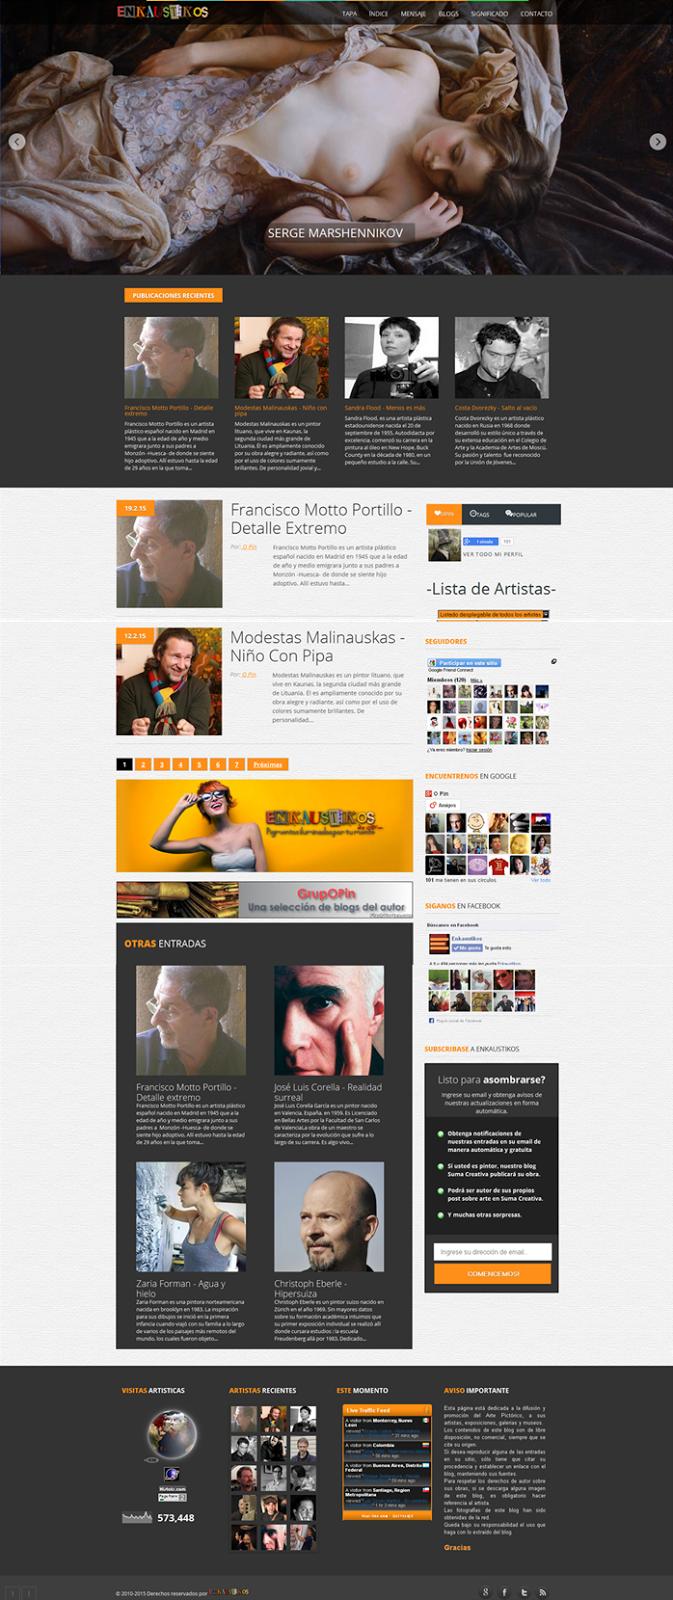 http://enkaustikos.blogspot.com.ar/